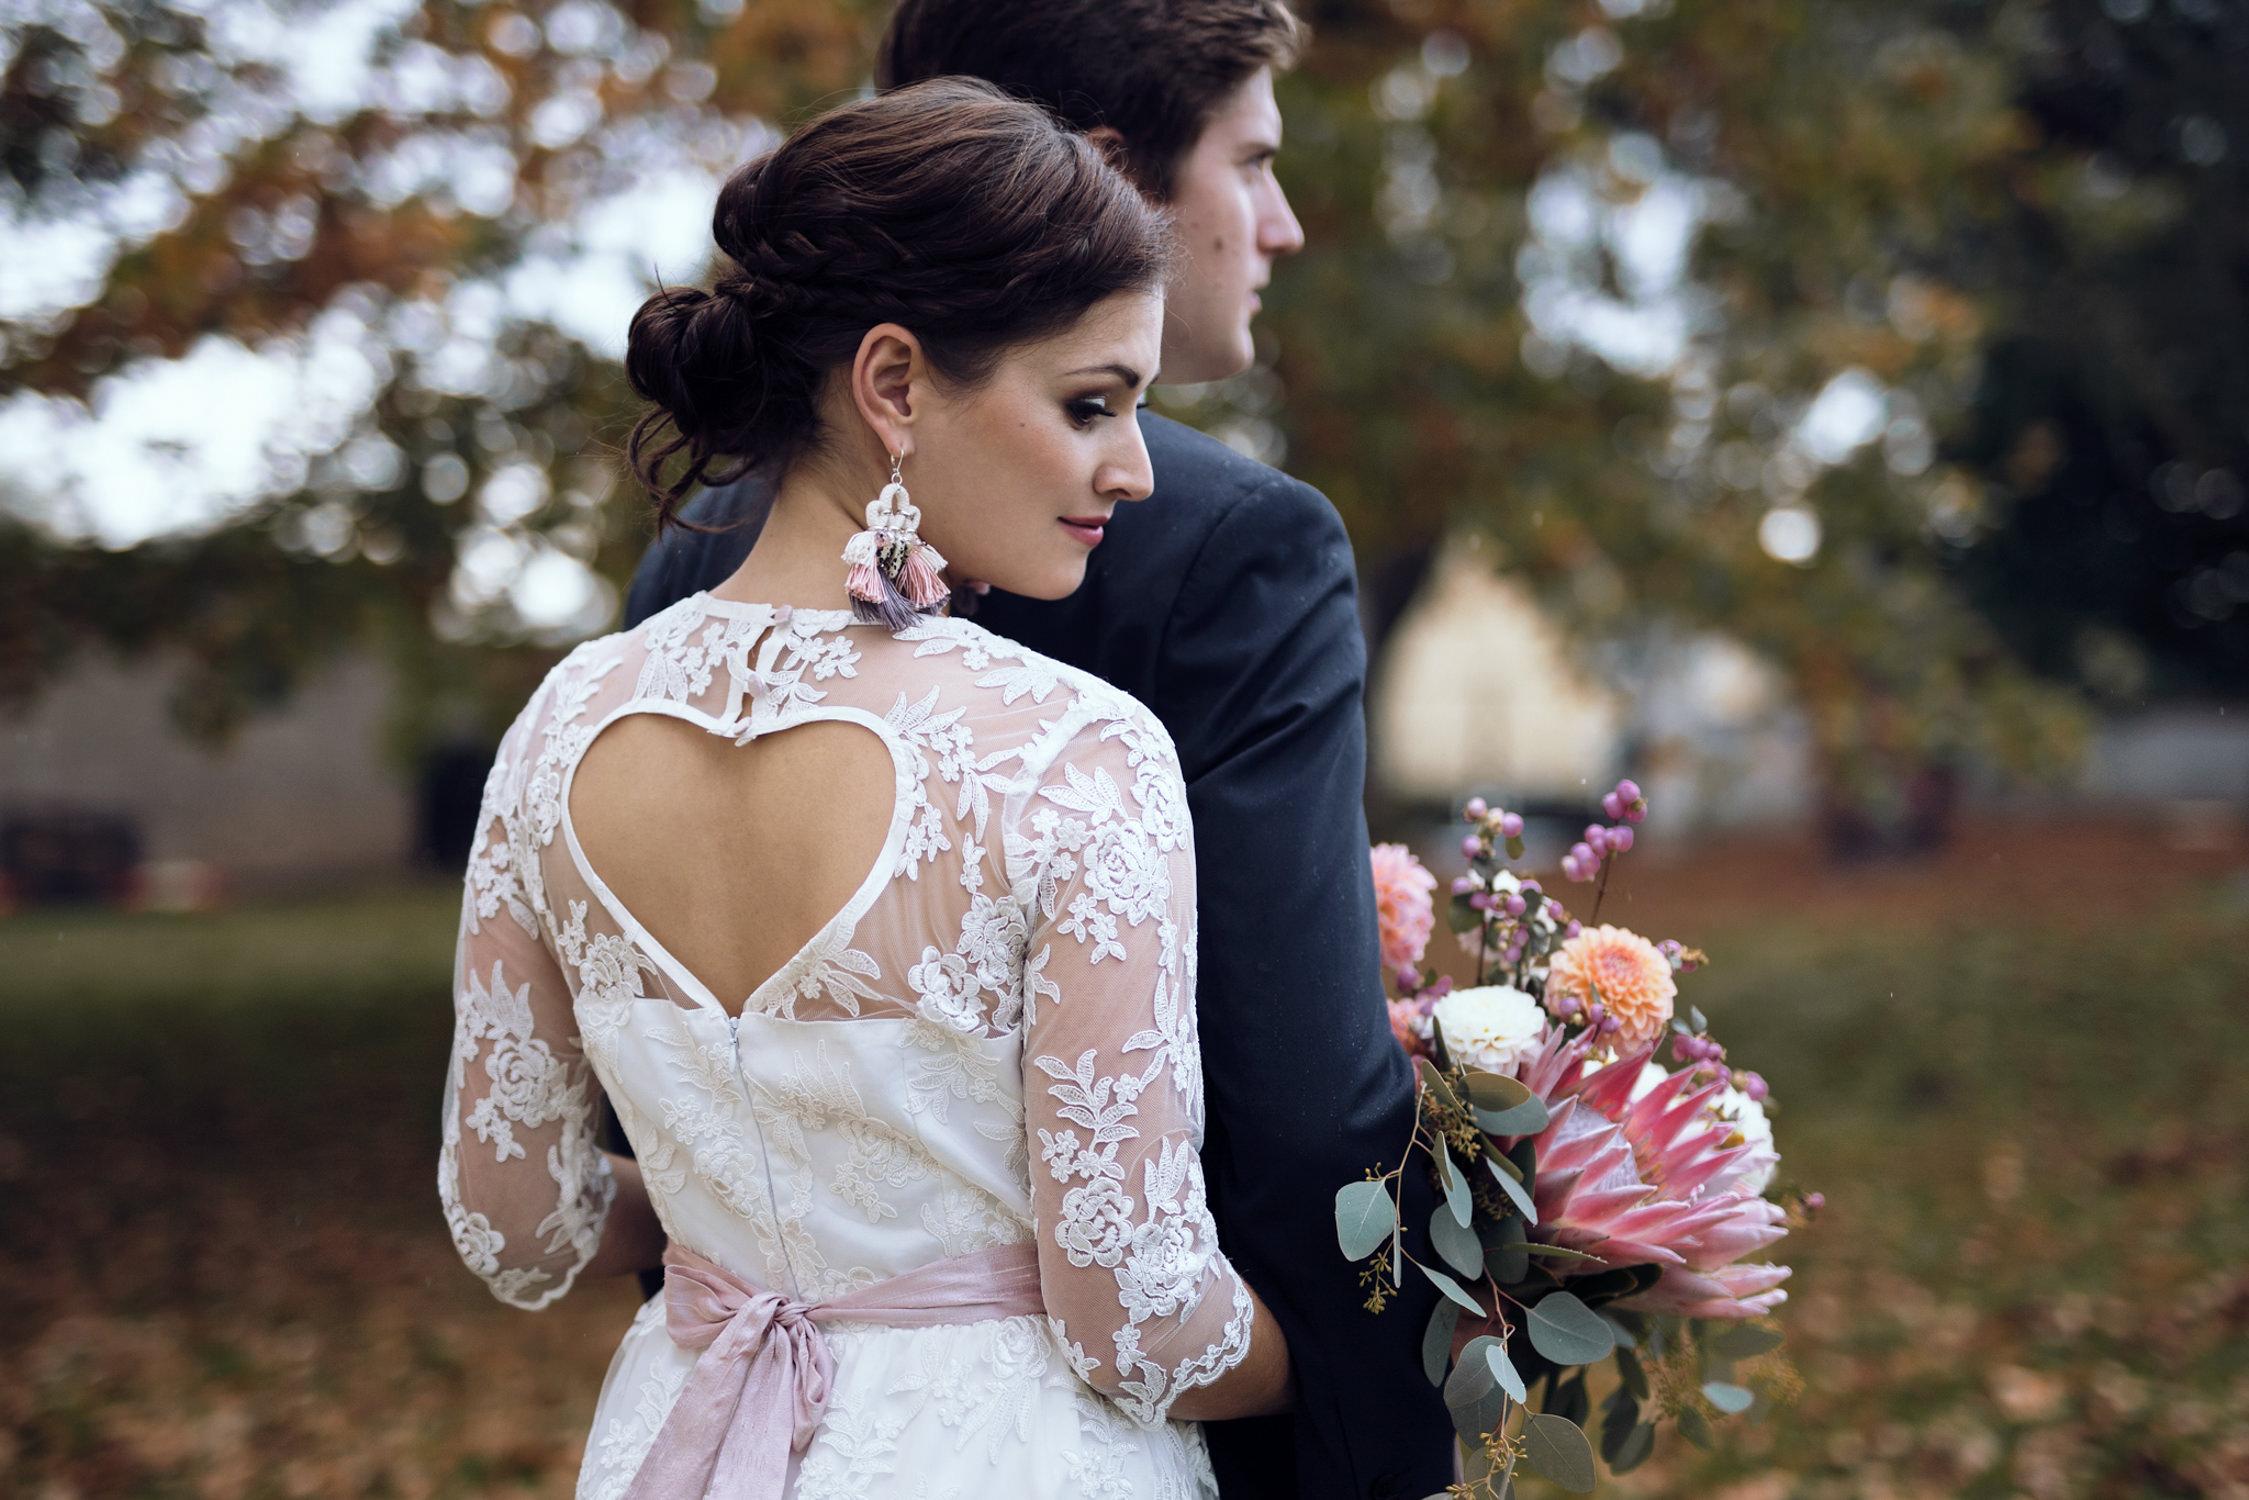 Entdecke romantische und gefühlvolle Hochzeitsfotos! Die Fotografin Sophia Molek fotografiert deine Trauung, deine Hochzeitszeremonie und deine Hochzeitsfeier in Leipzig, Sachsen und Umgebung.